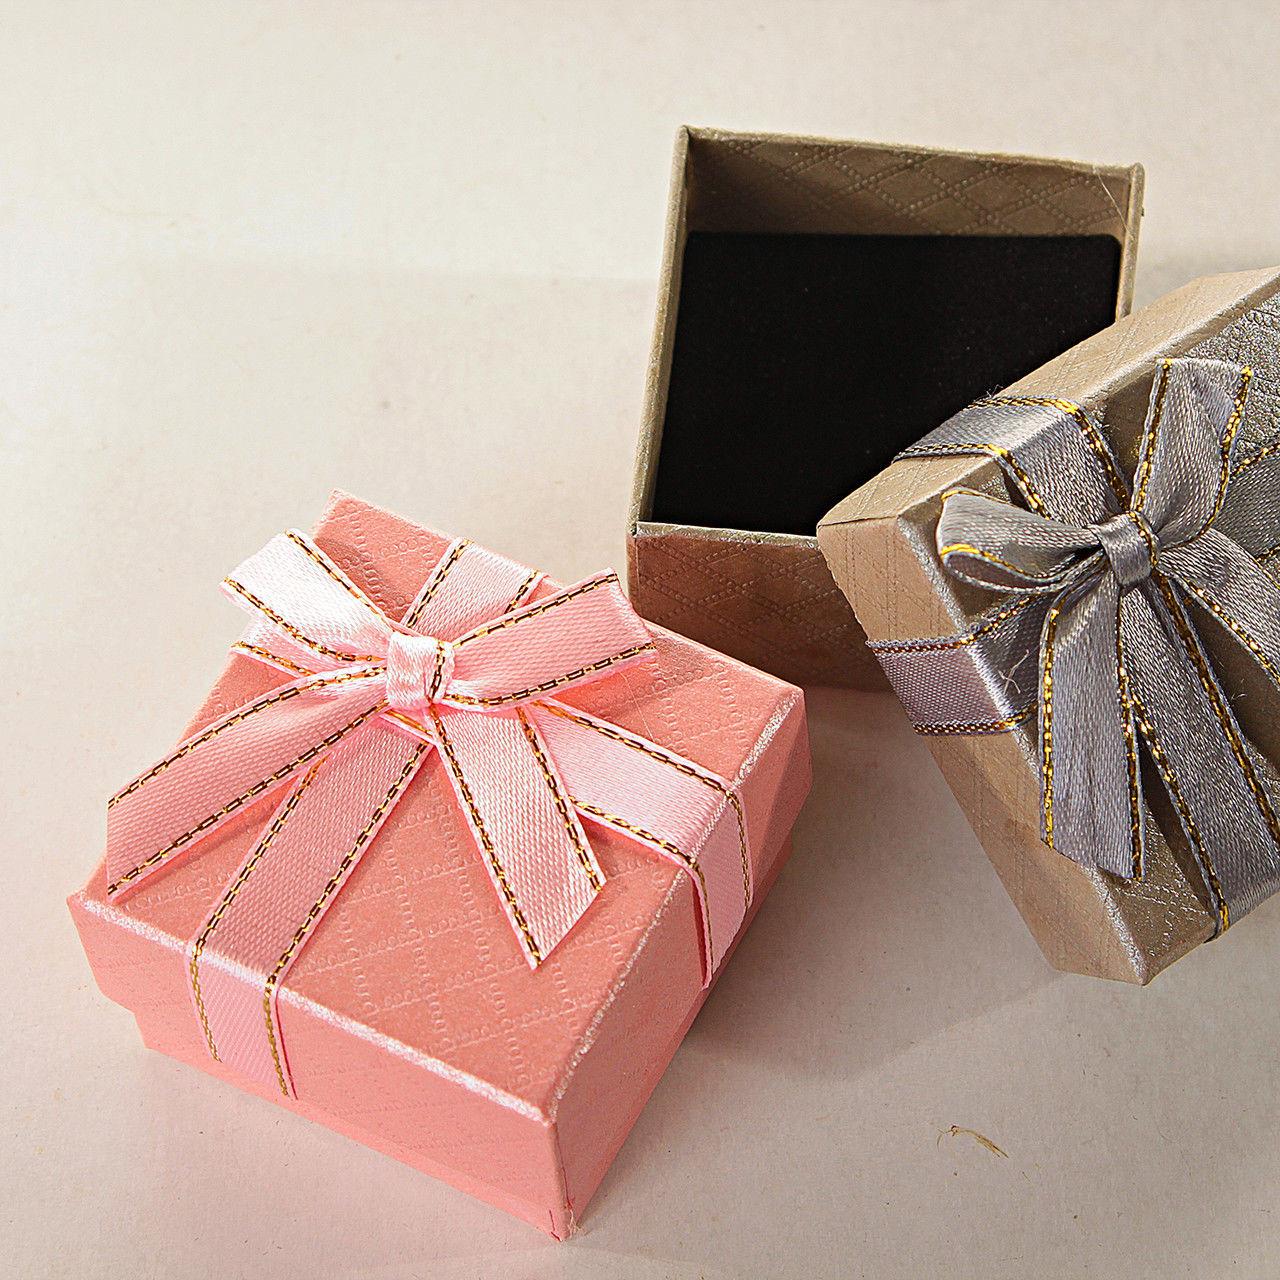 Как красиво упаковать подарок в бумагу, пленку, коробку и футболку, интересные и красивые идеи оформления подарка